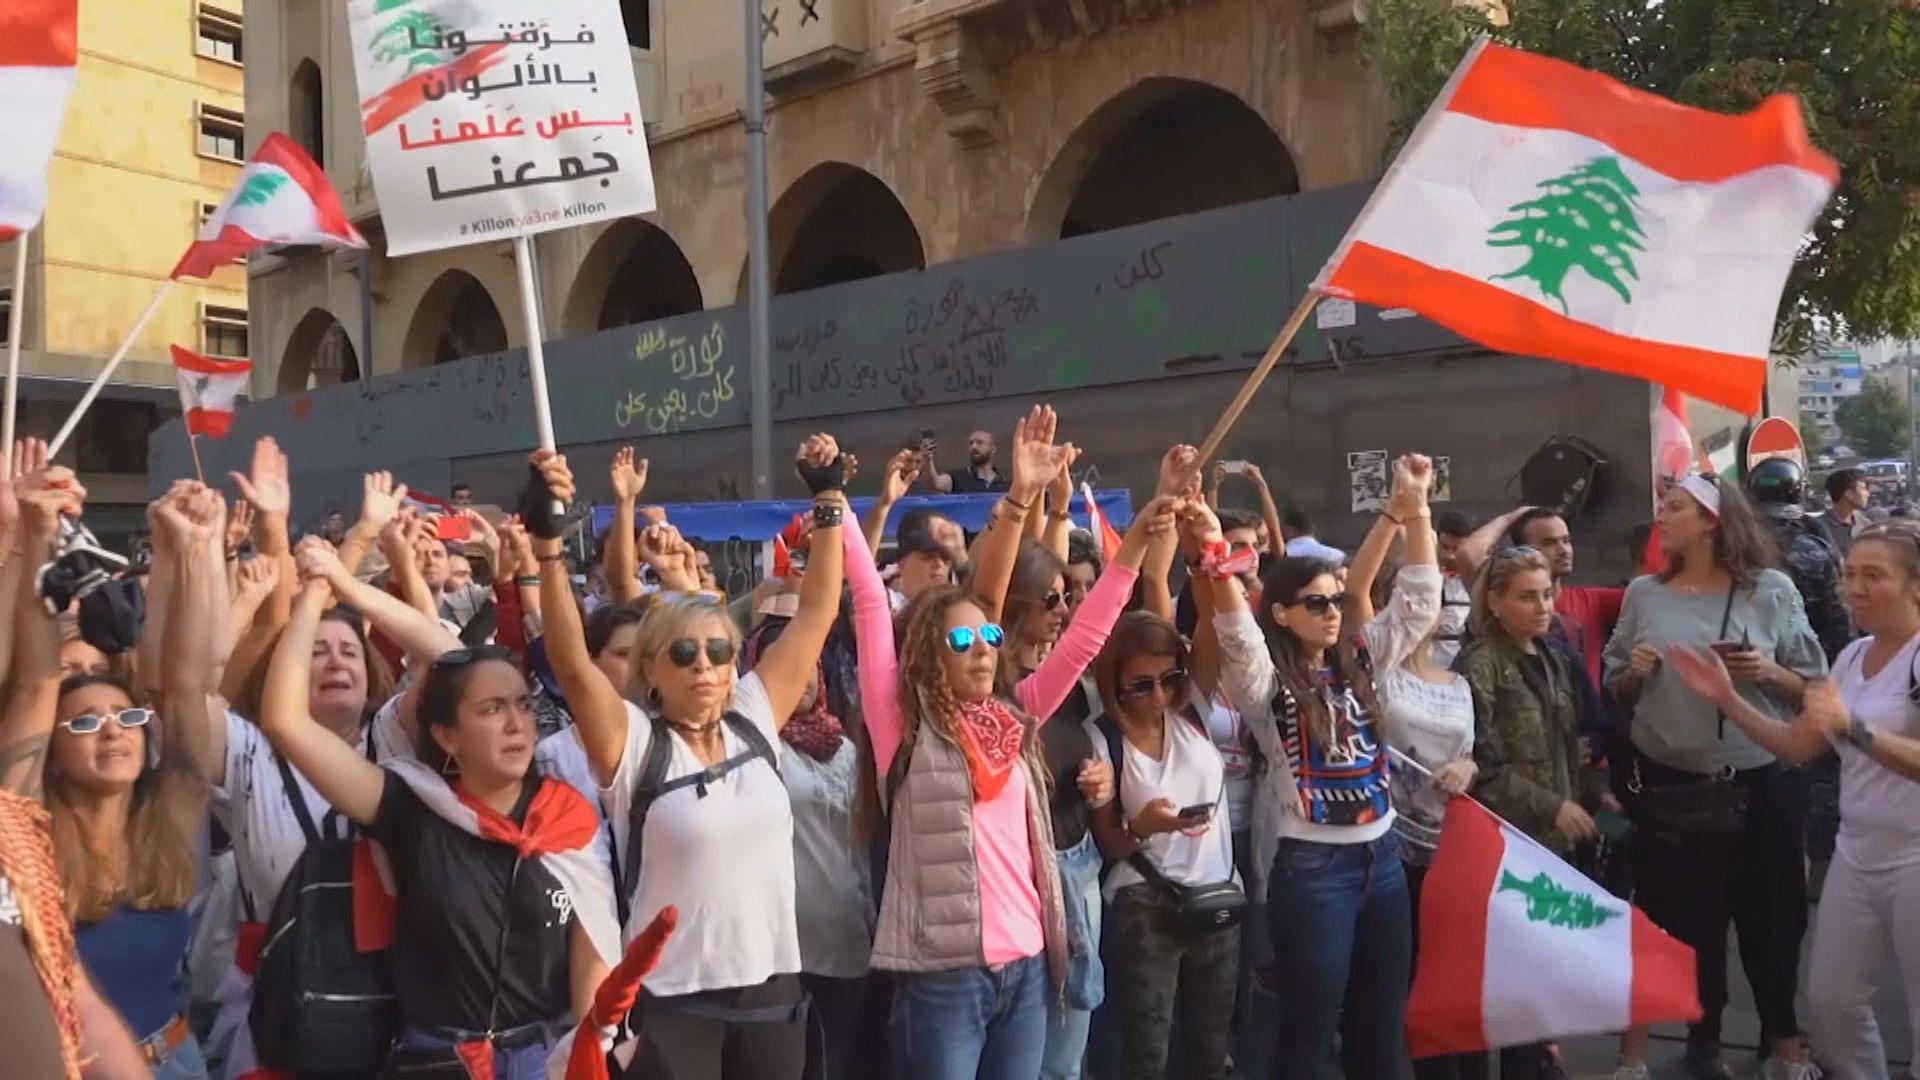 政治、經濟及疫症危機令黎巴嫩亂上加亂